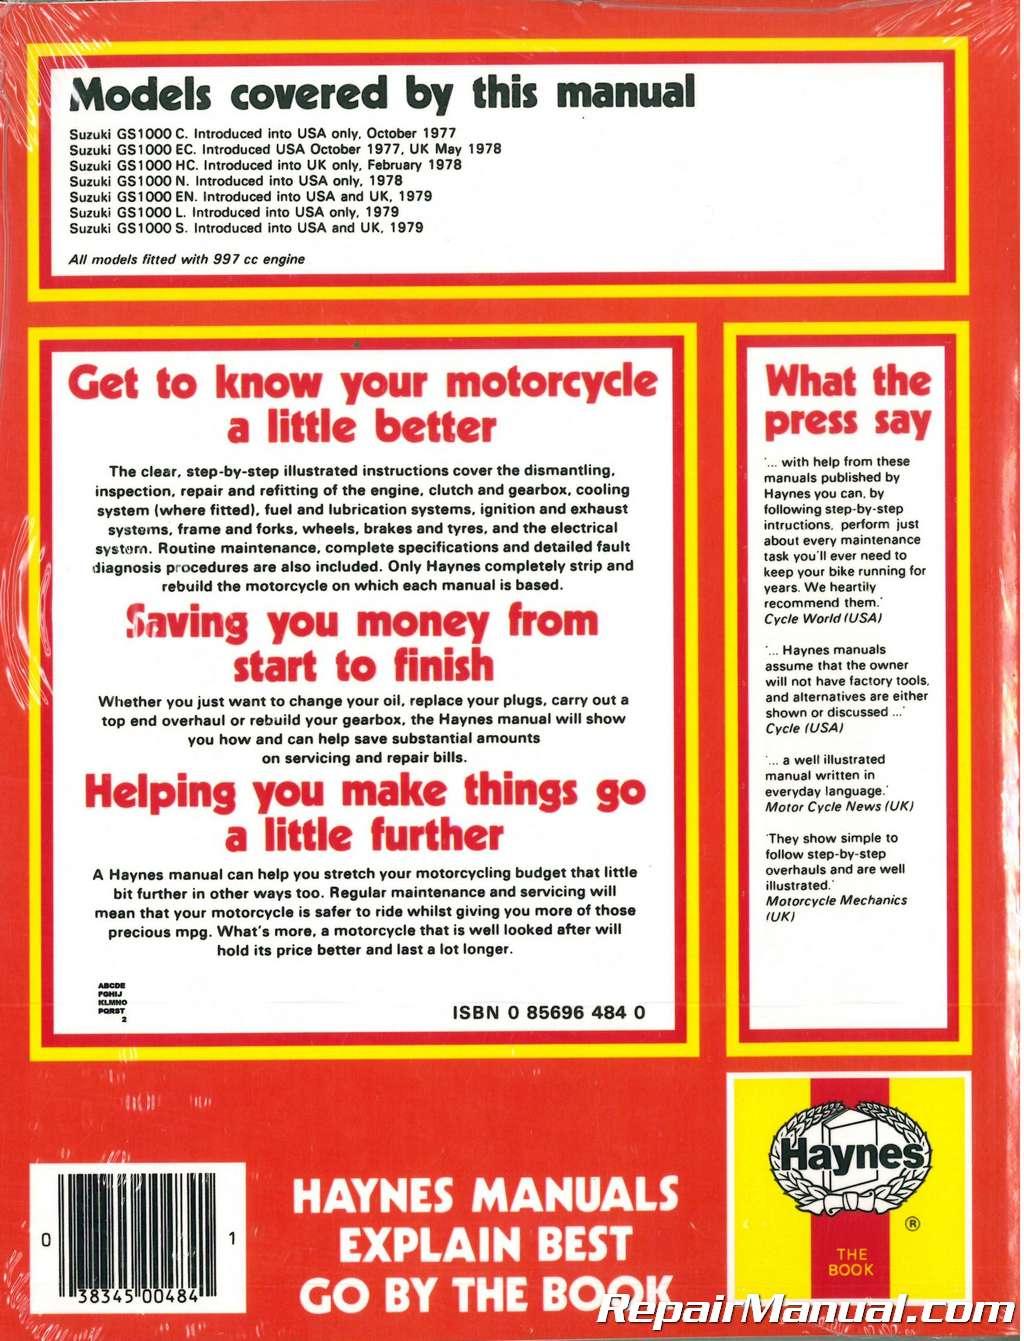 Genuine Haynes Workshop Manual 0484 Suzuki GS1000 Four 1977-1979 ...